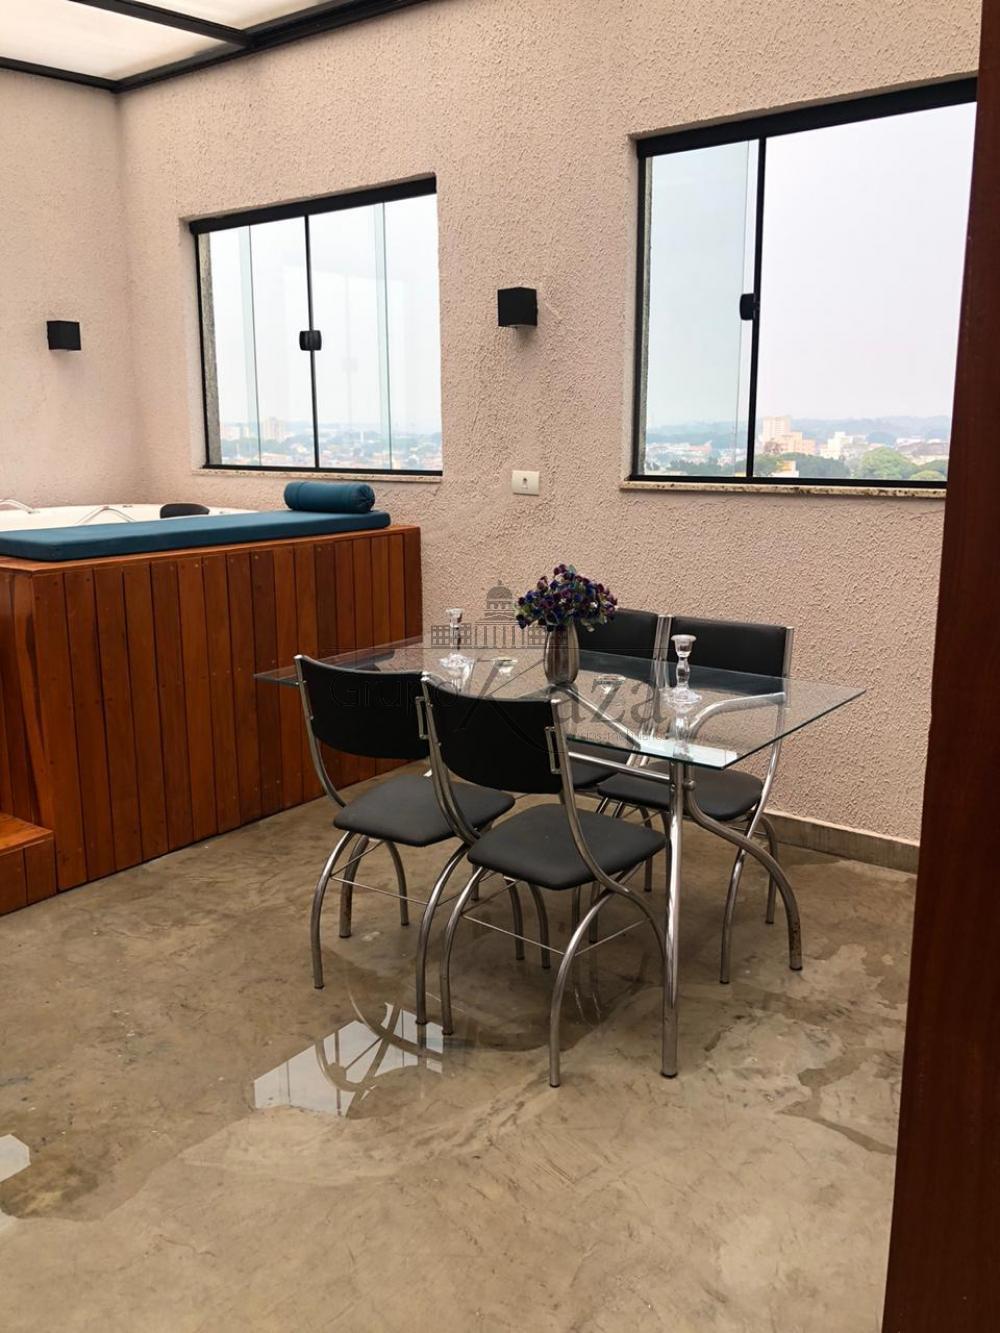 Comprar Apartamento / Cobertura Duplex em São José dos Campos apenas R$ 742.000,00 - Foto 4